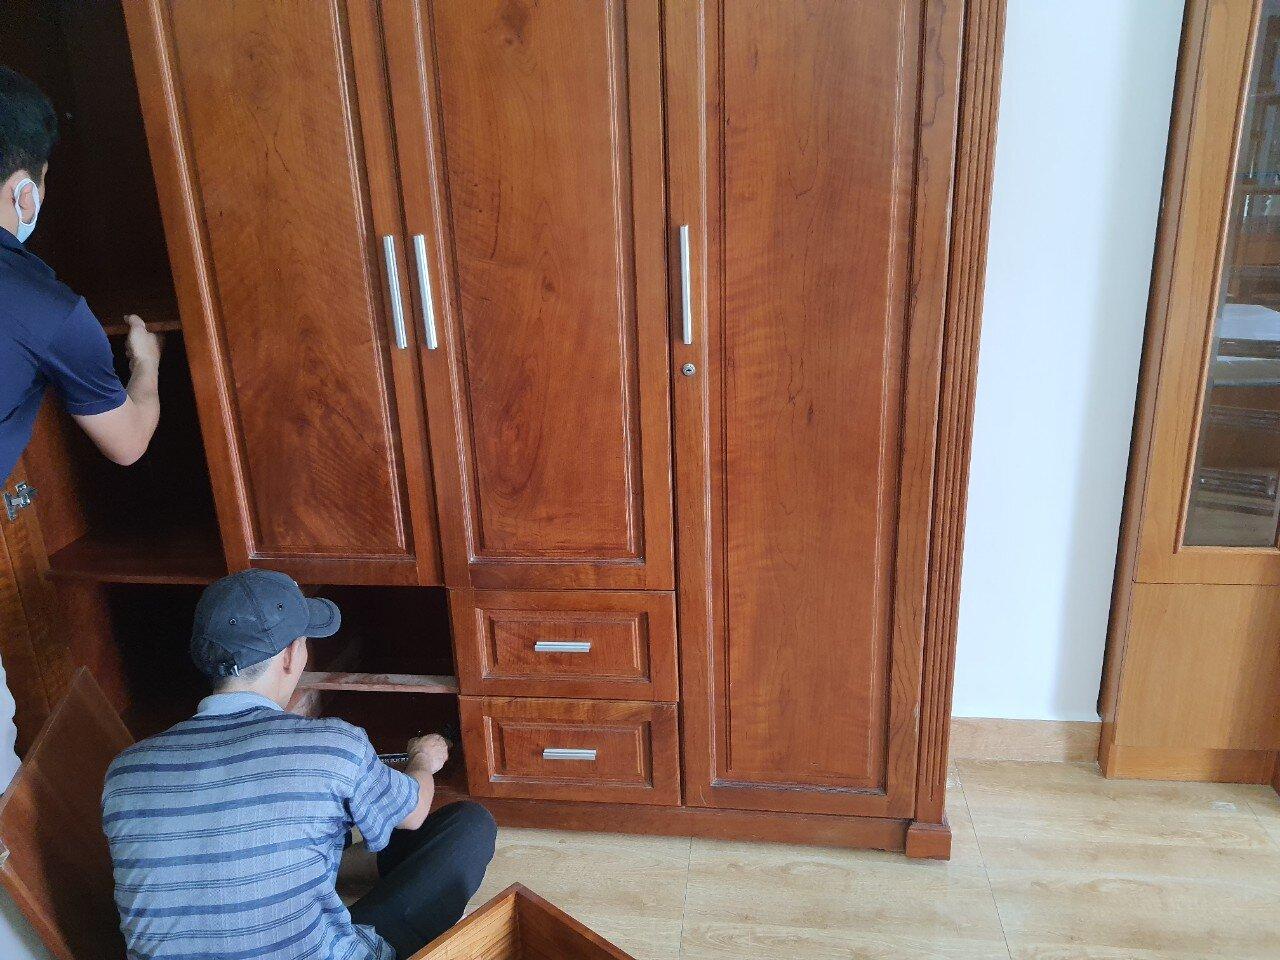 Dịch vụ chuyển nhà có tháo lắp tủ gỗ